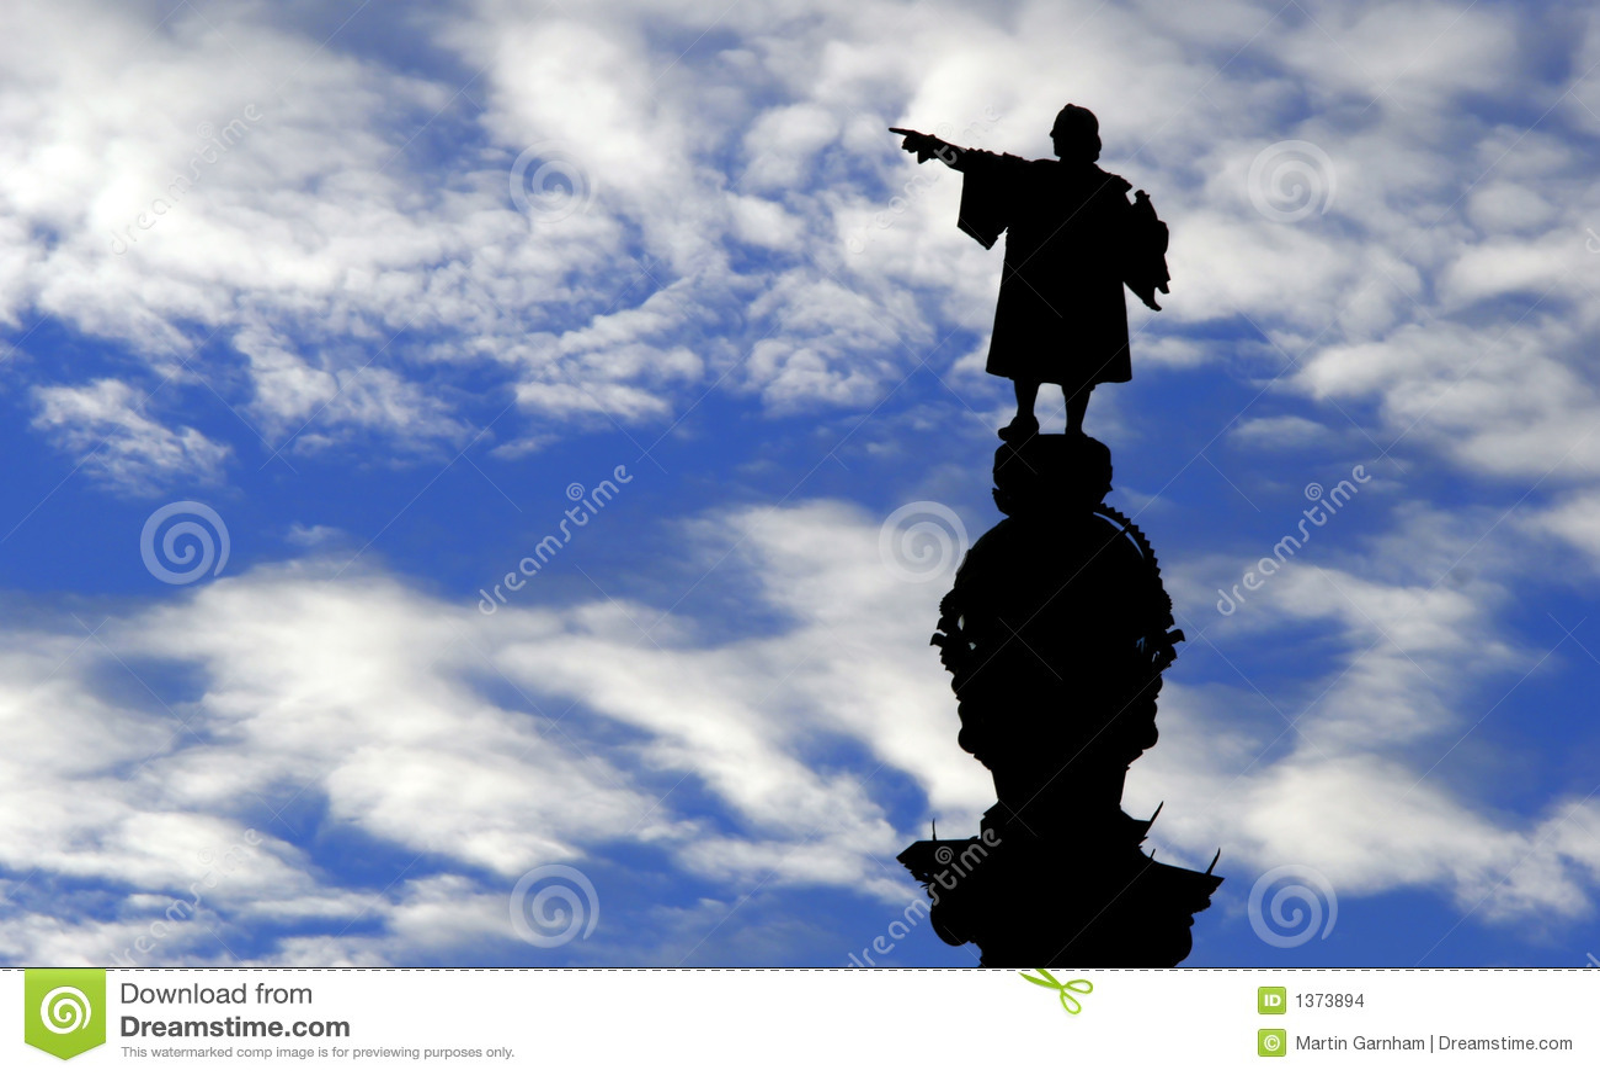 ・克里斯托弗哥伦布雕象